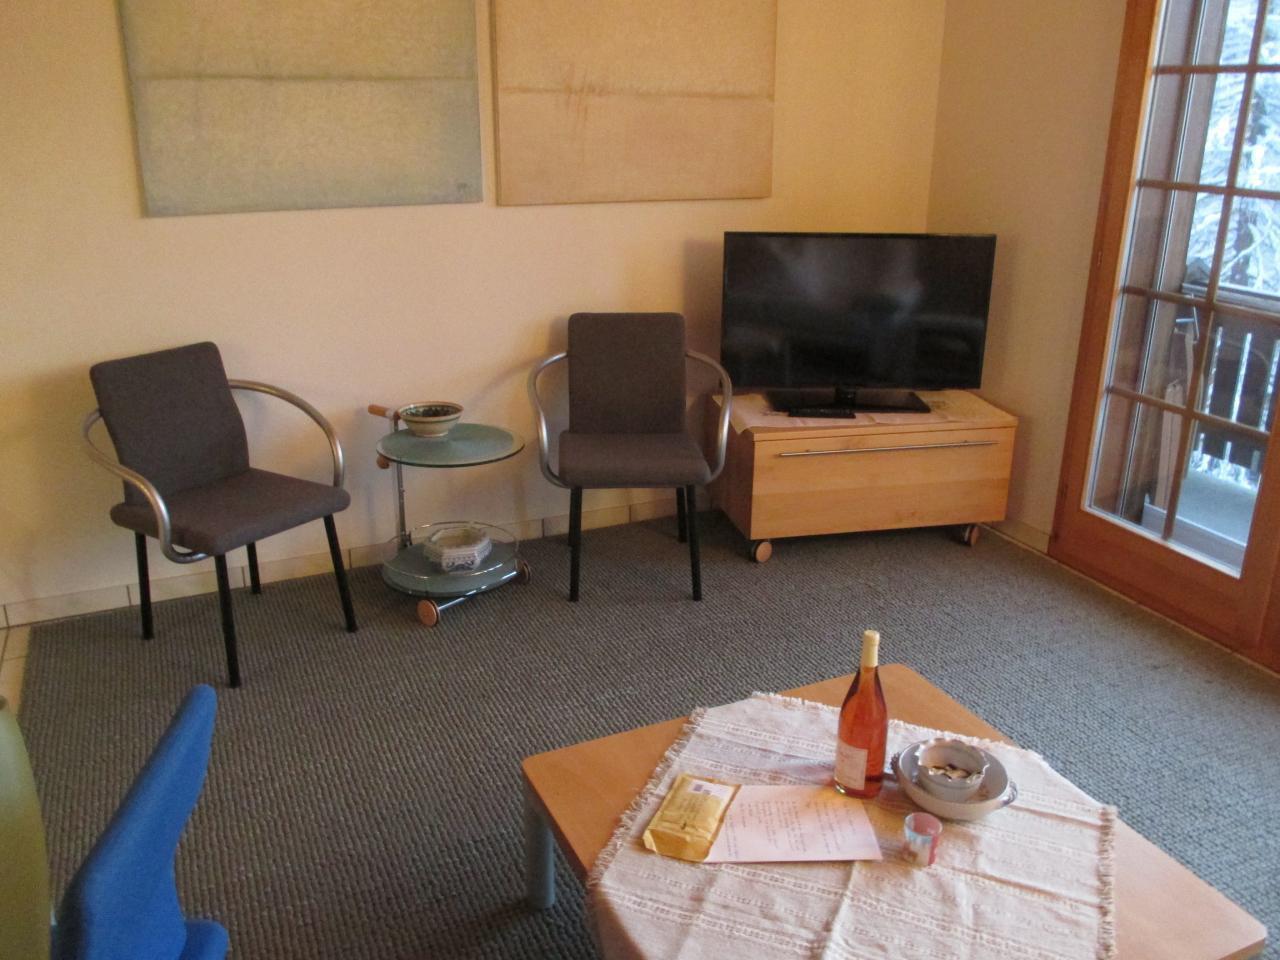 Appartement de vacances Fewo Belstar DG West (2542780), Bellwald, Aletsch - Conches, Valais, Suisse, image 8